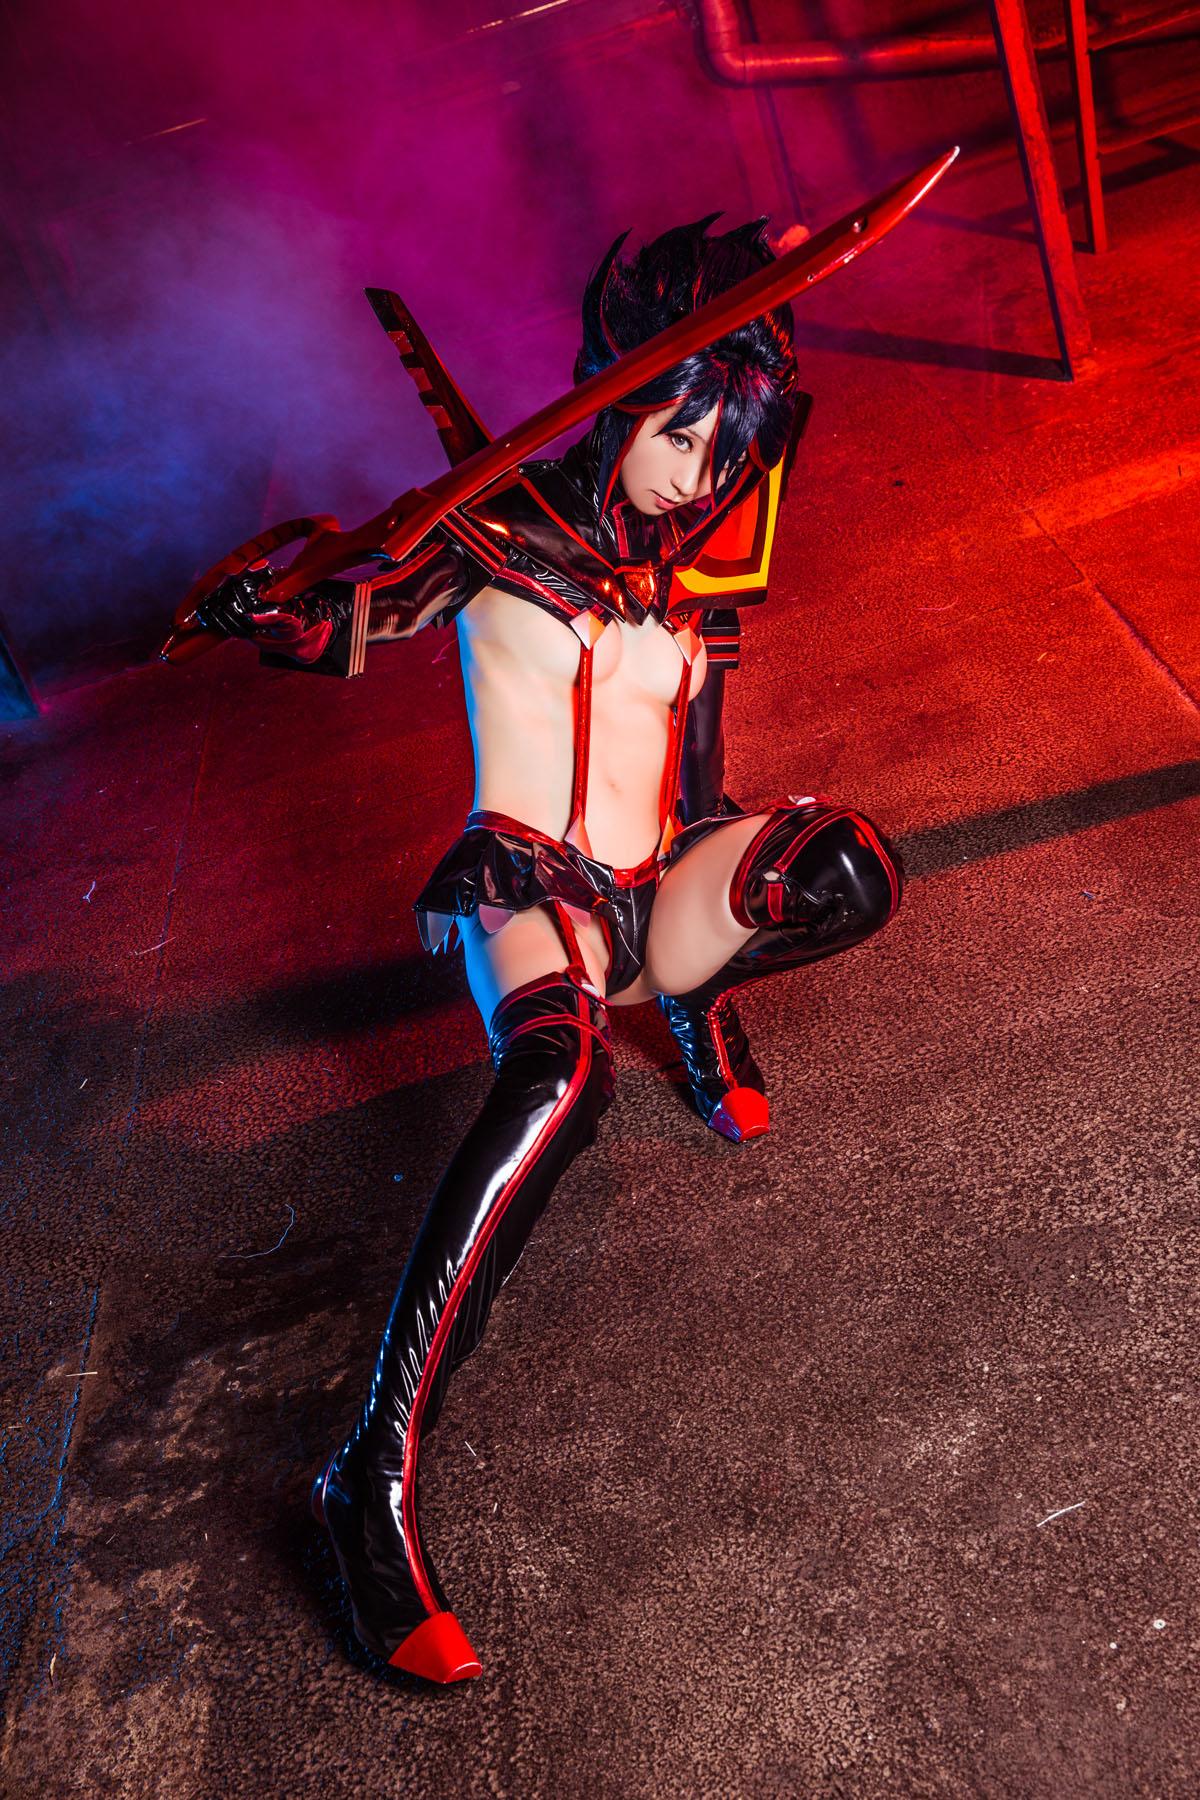 Kill la Kill Ryuuko Matoi anime cosplay by Mikehouse 0079